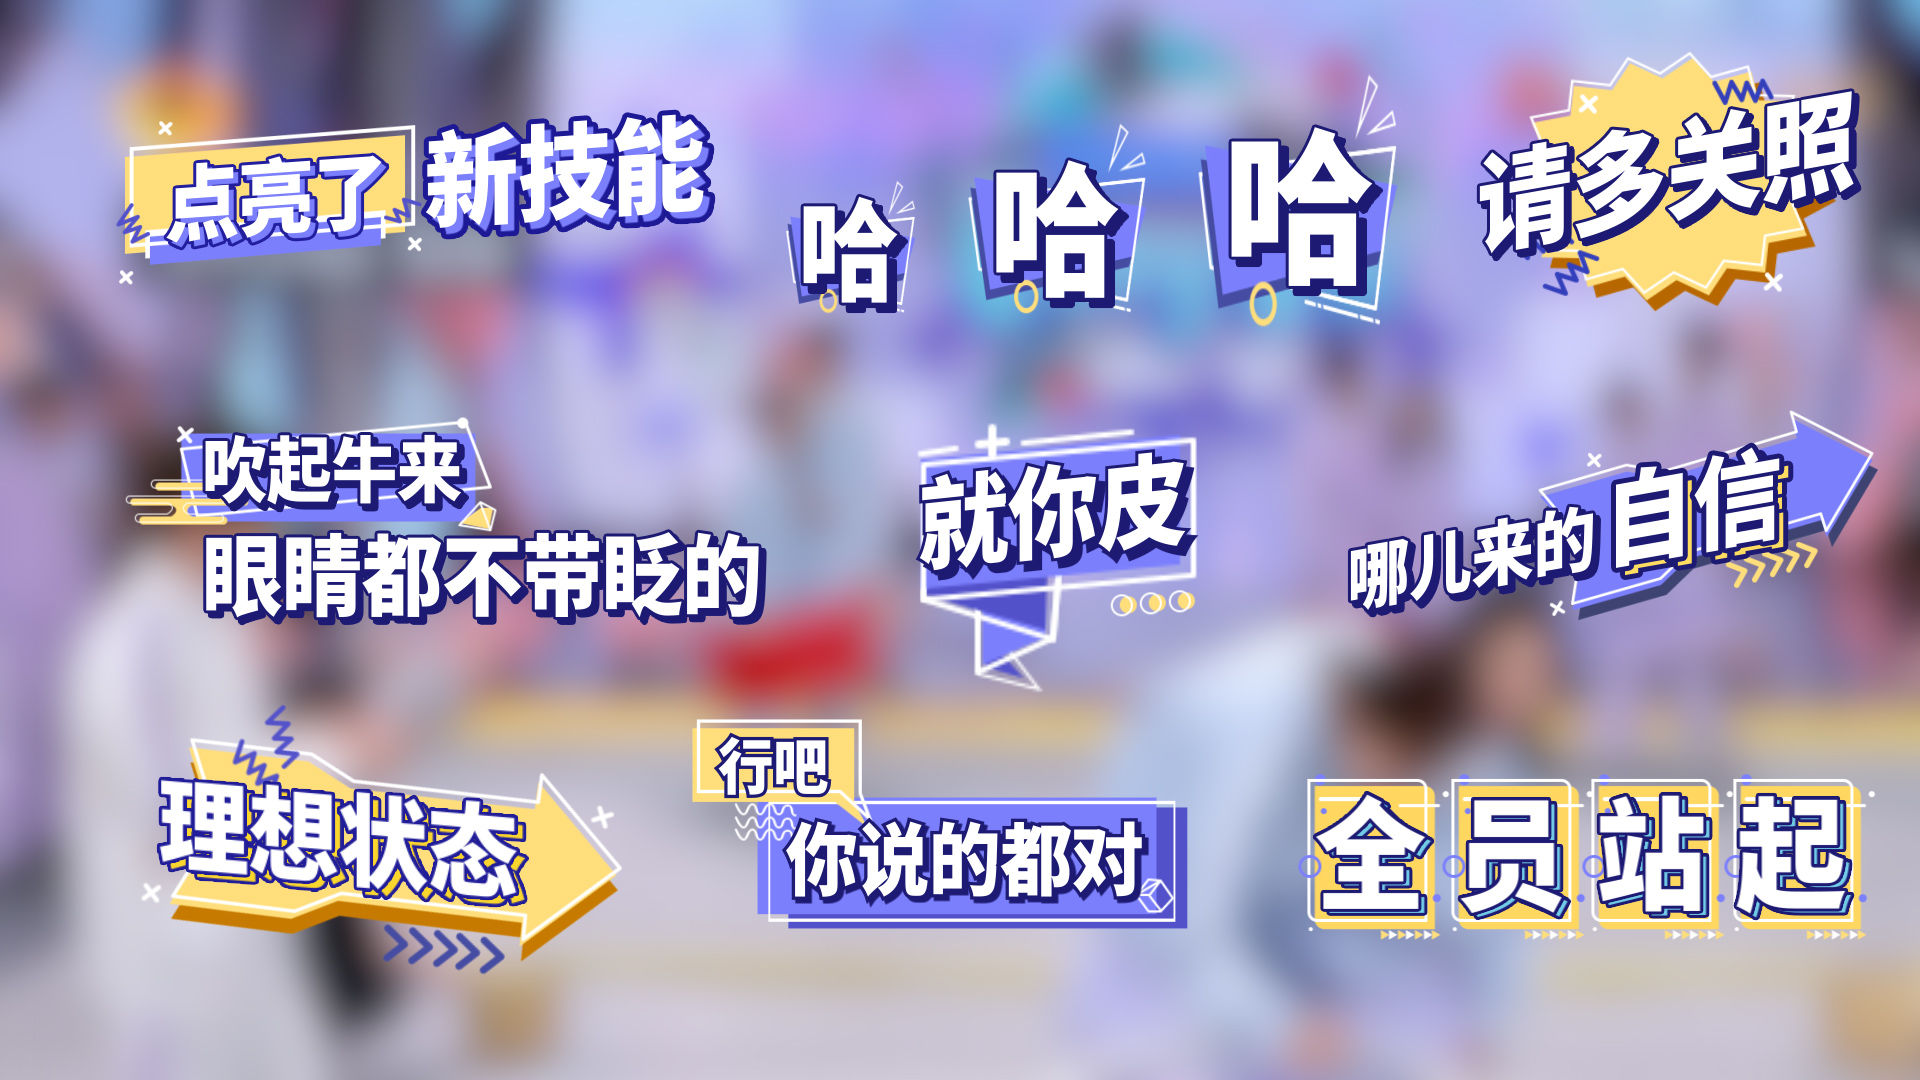 娱乐节目字幕综艺花字【带字体】